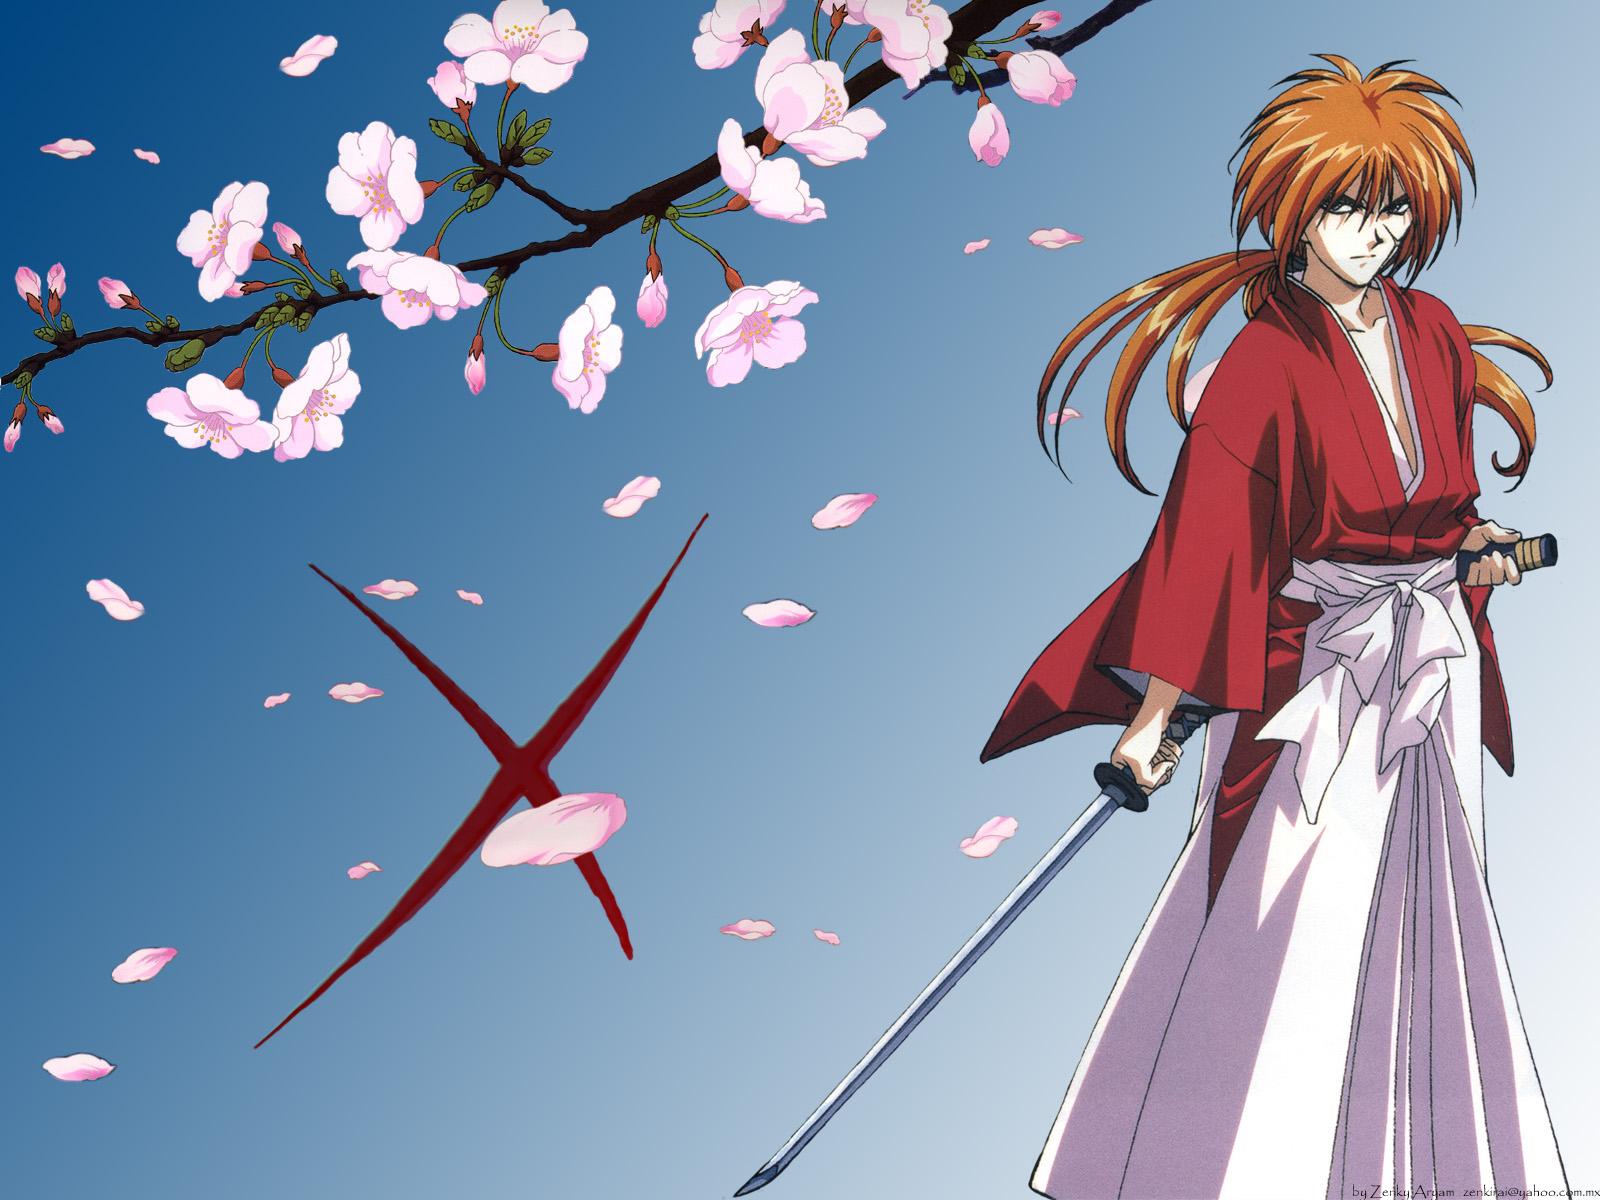 Rurouni Kenshin Wallpaper: Kenshin bls - Minitokyo